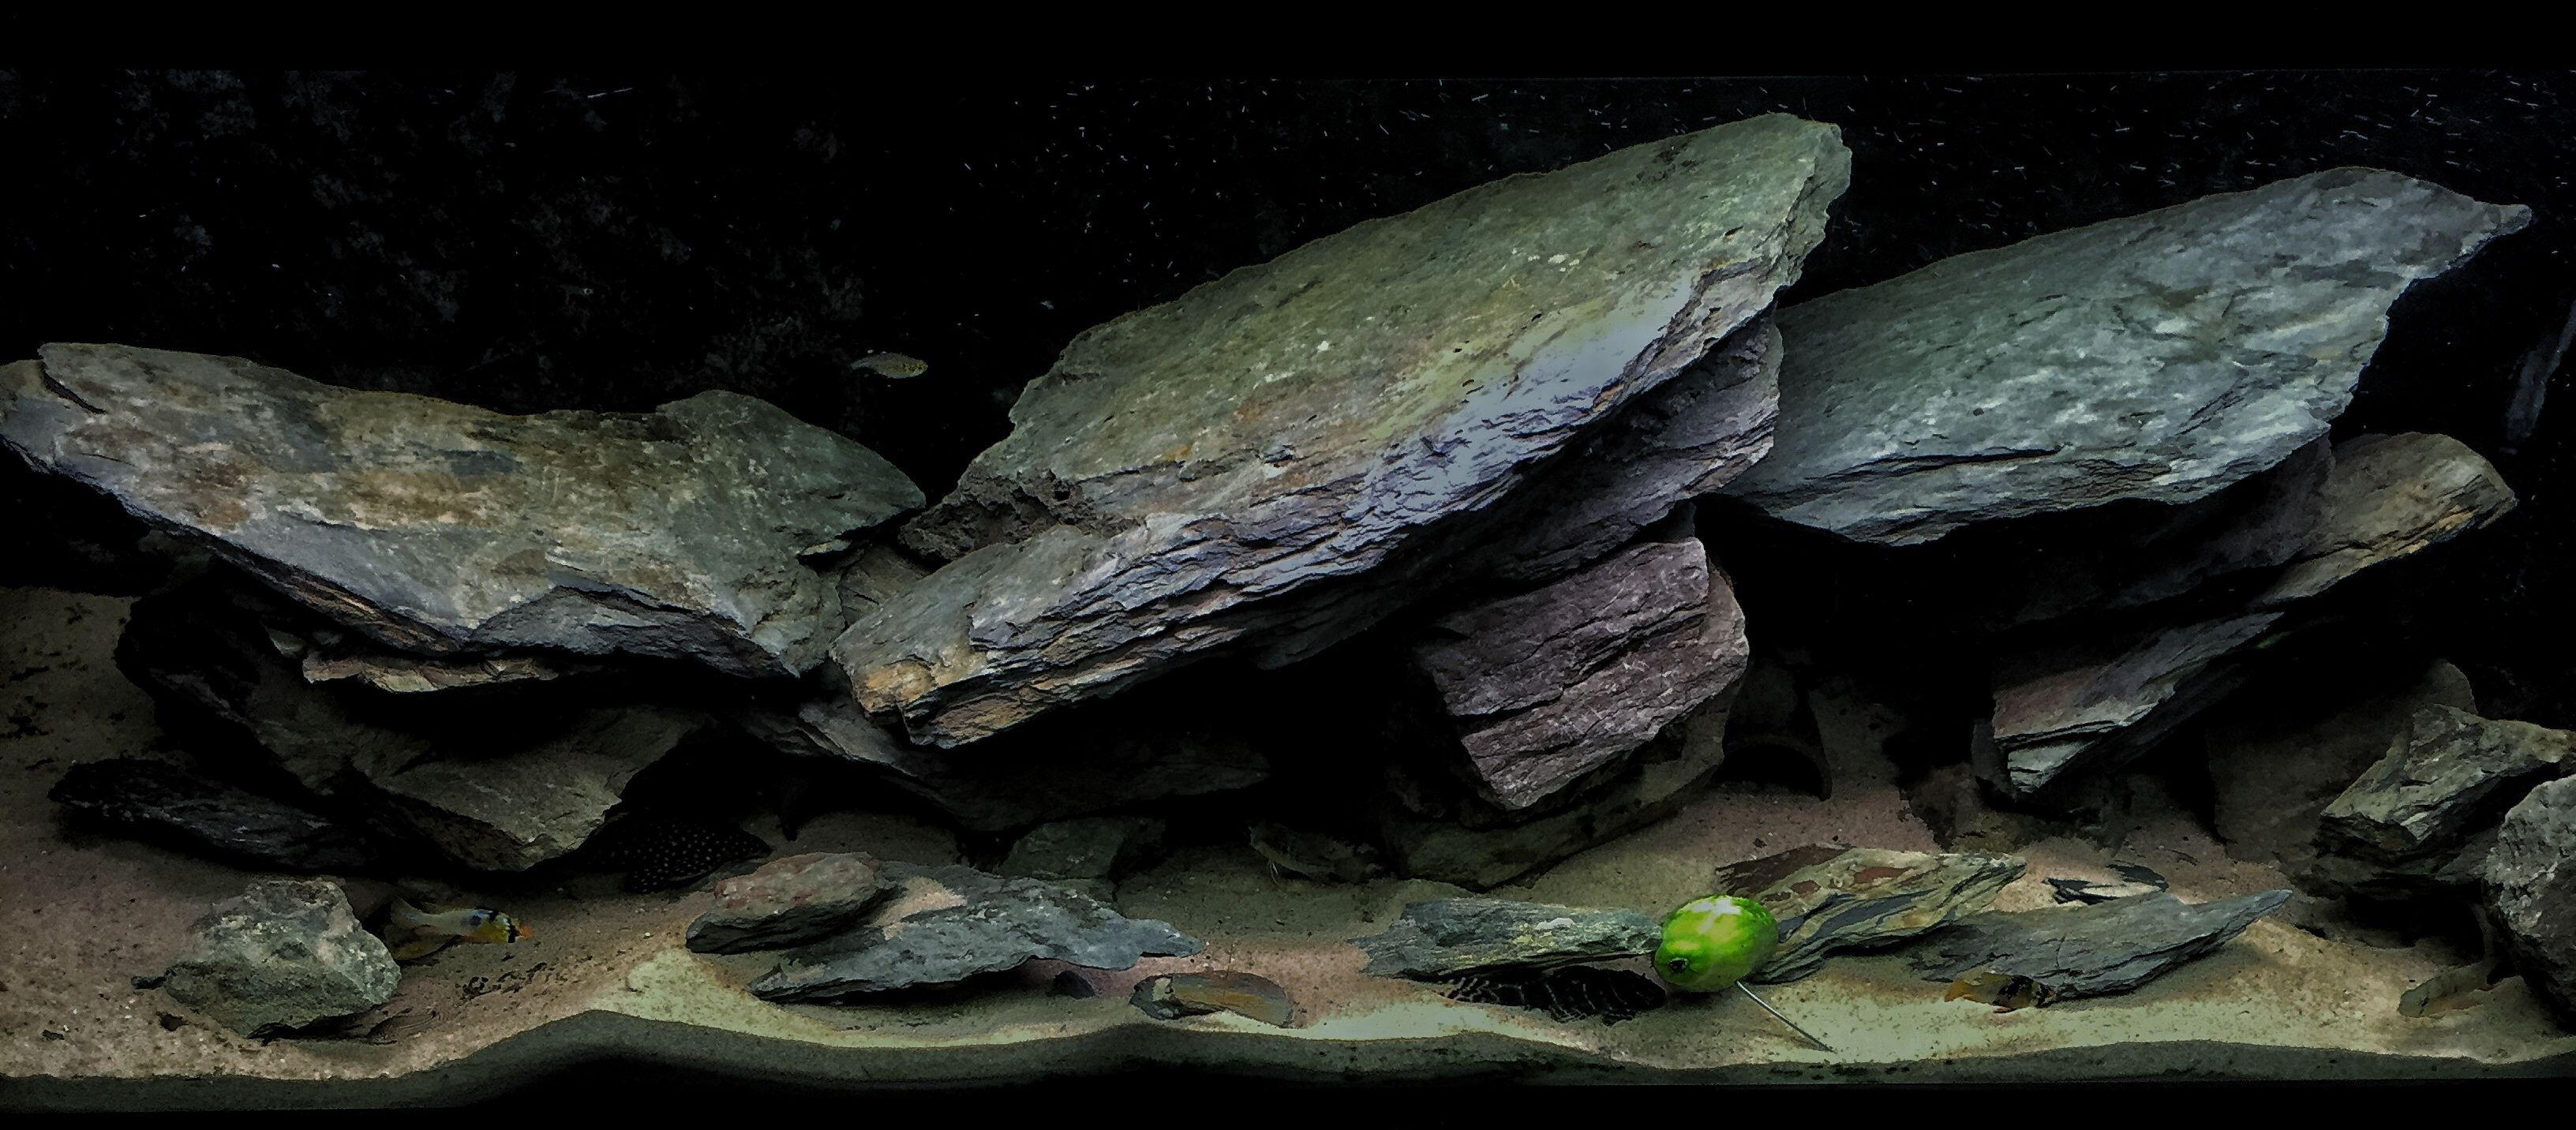 0d394cf32e8bc0dc8e1906d3941ac288 Luxe De Crevette Aquarium Des Idées